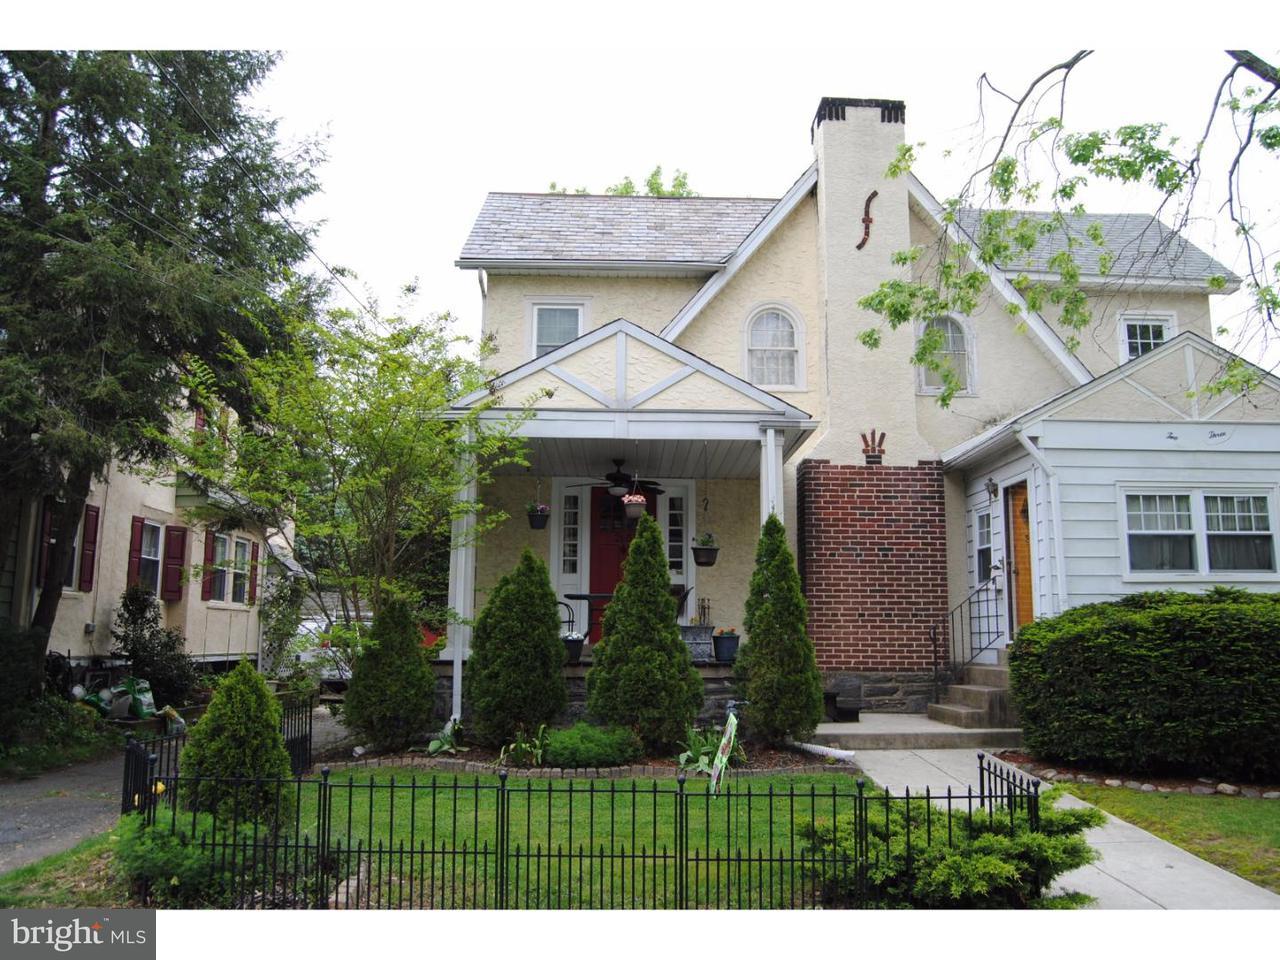 Casa unifamiliar adosada (Townhouse) por un Alquiler en 265 ARDMORE Avenue Lansdowne, Pennsylvania 19050 Estados Unidos